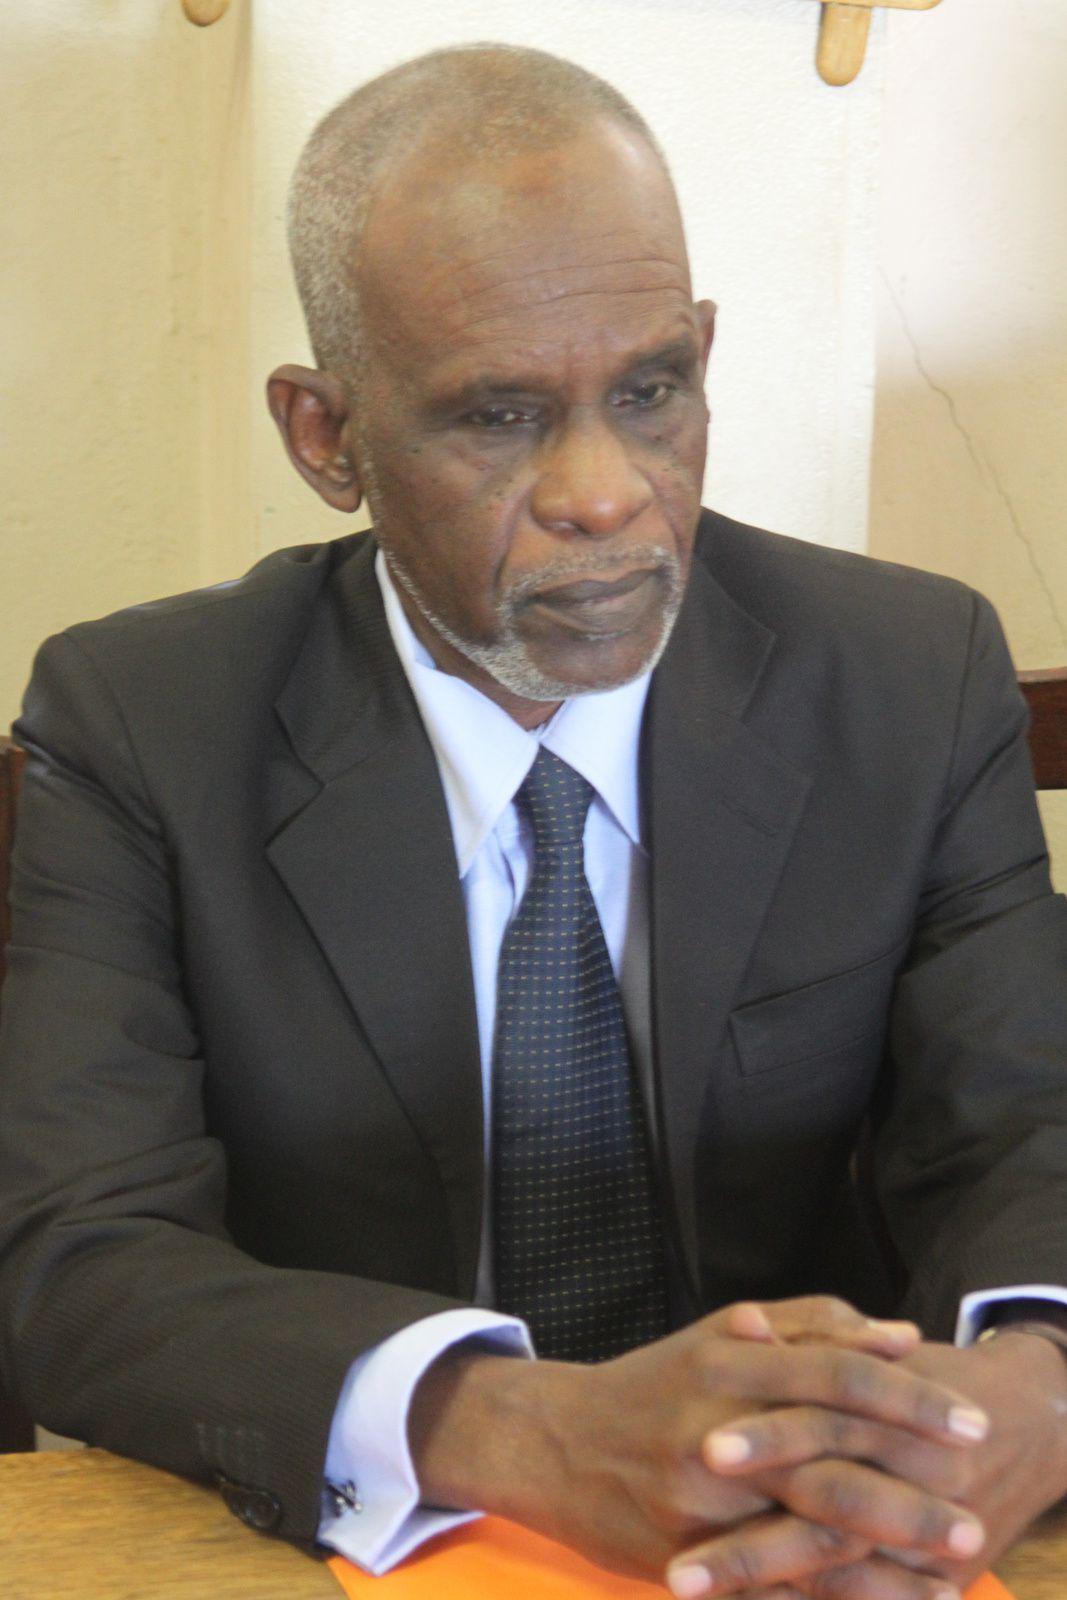 Nécrologie: condoléances de l'ancien ministre Mahamat Abdoulaye suite au décès d'Alhadji Goukouni Nour Issa